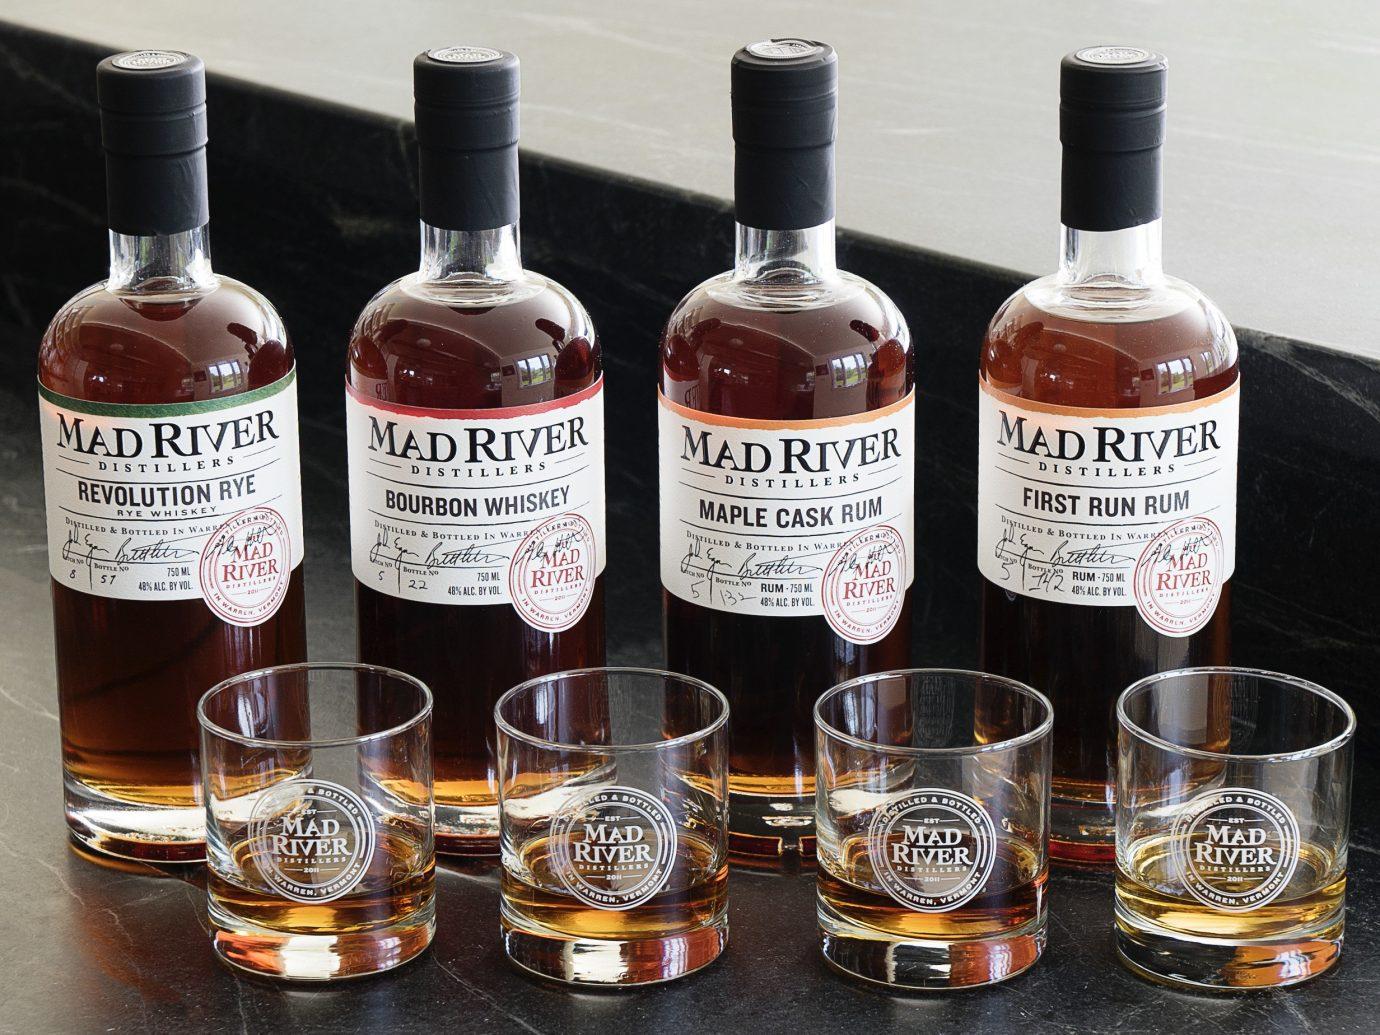 Jetsetter Guides bottle distilled beverage liqueur alcoholic beverage Drink whisky alcohol glass bottle wine bottle beer